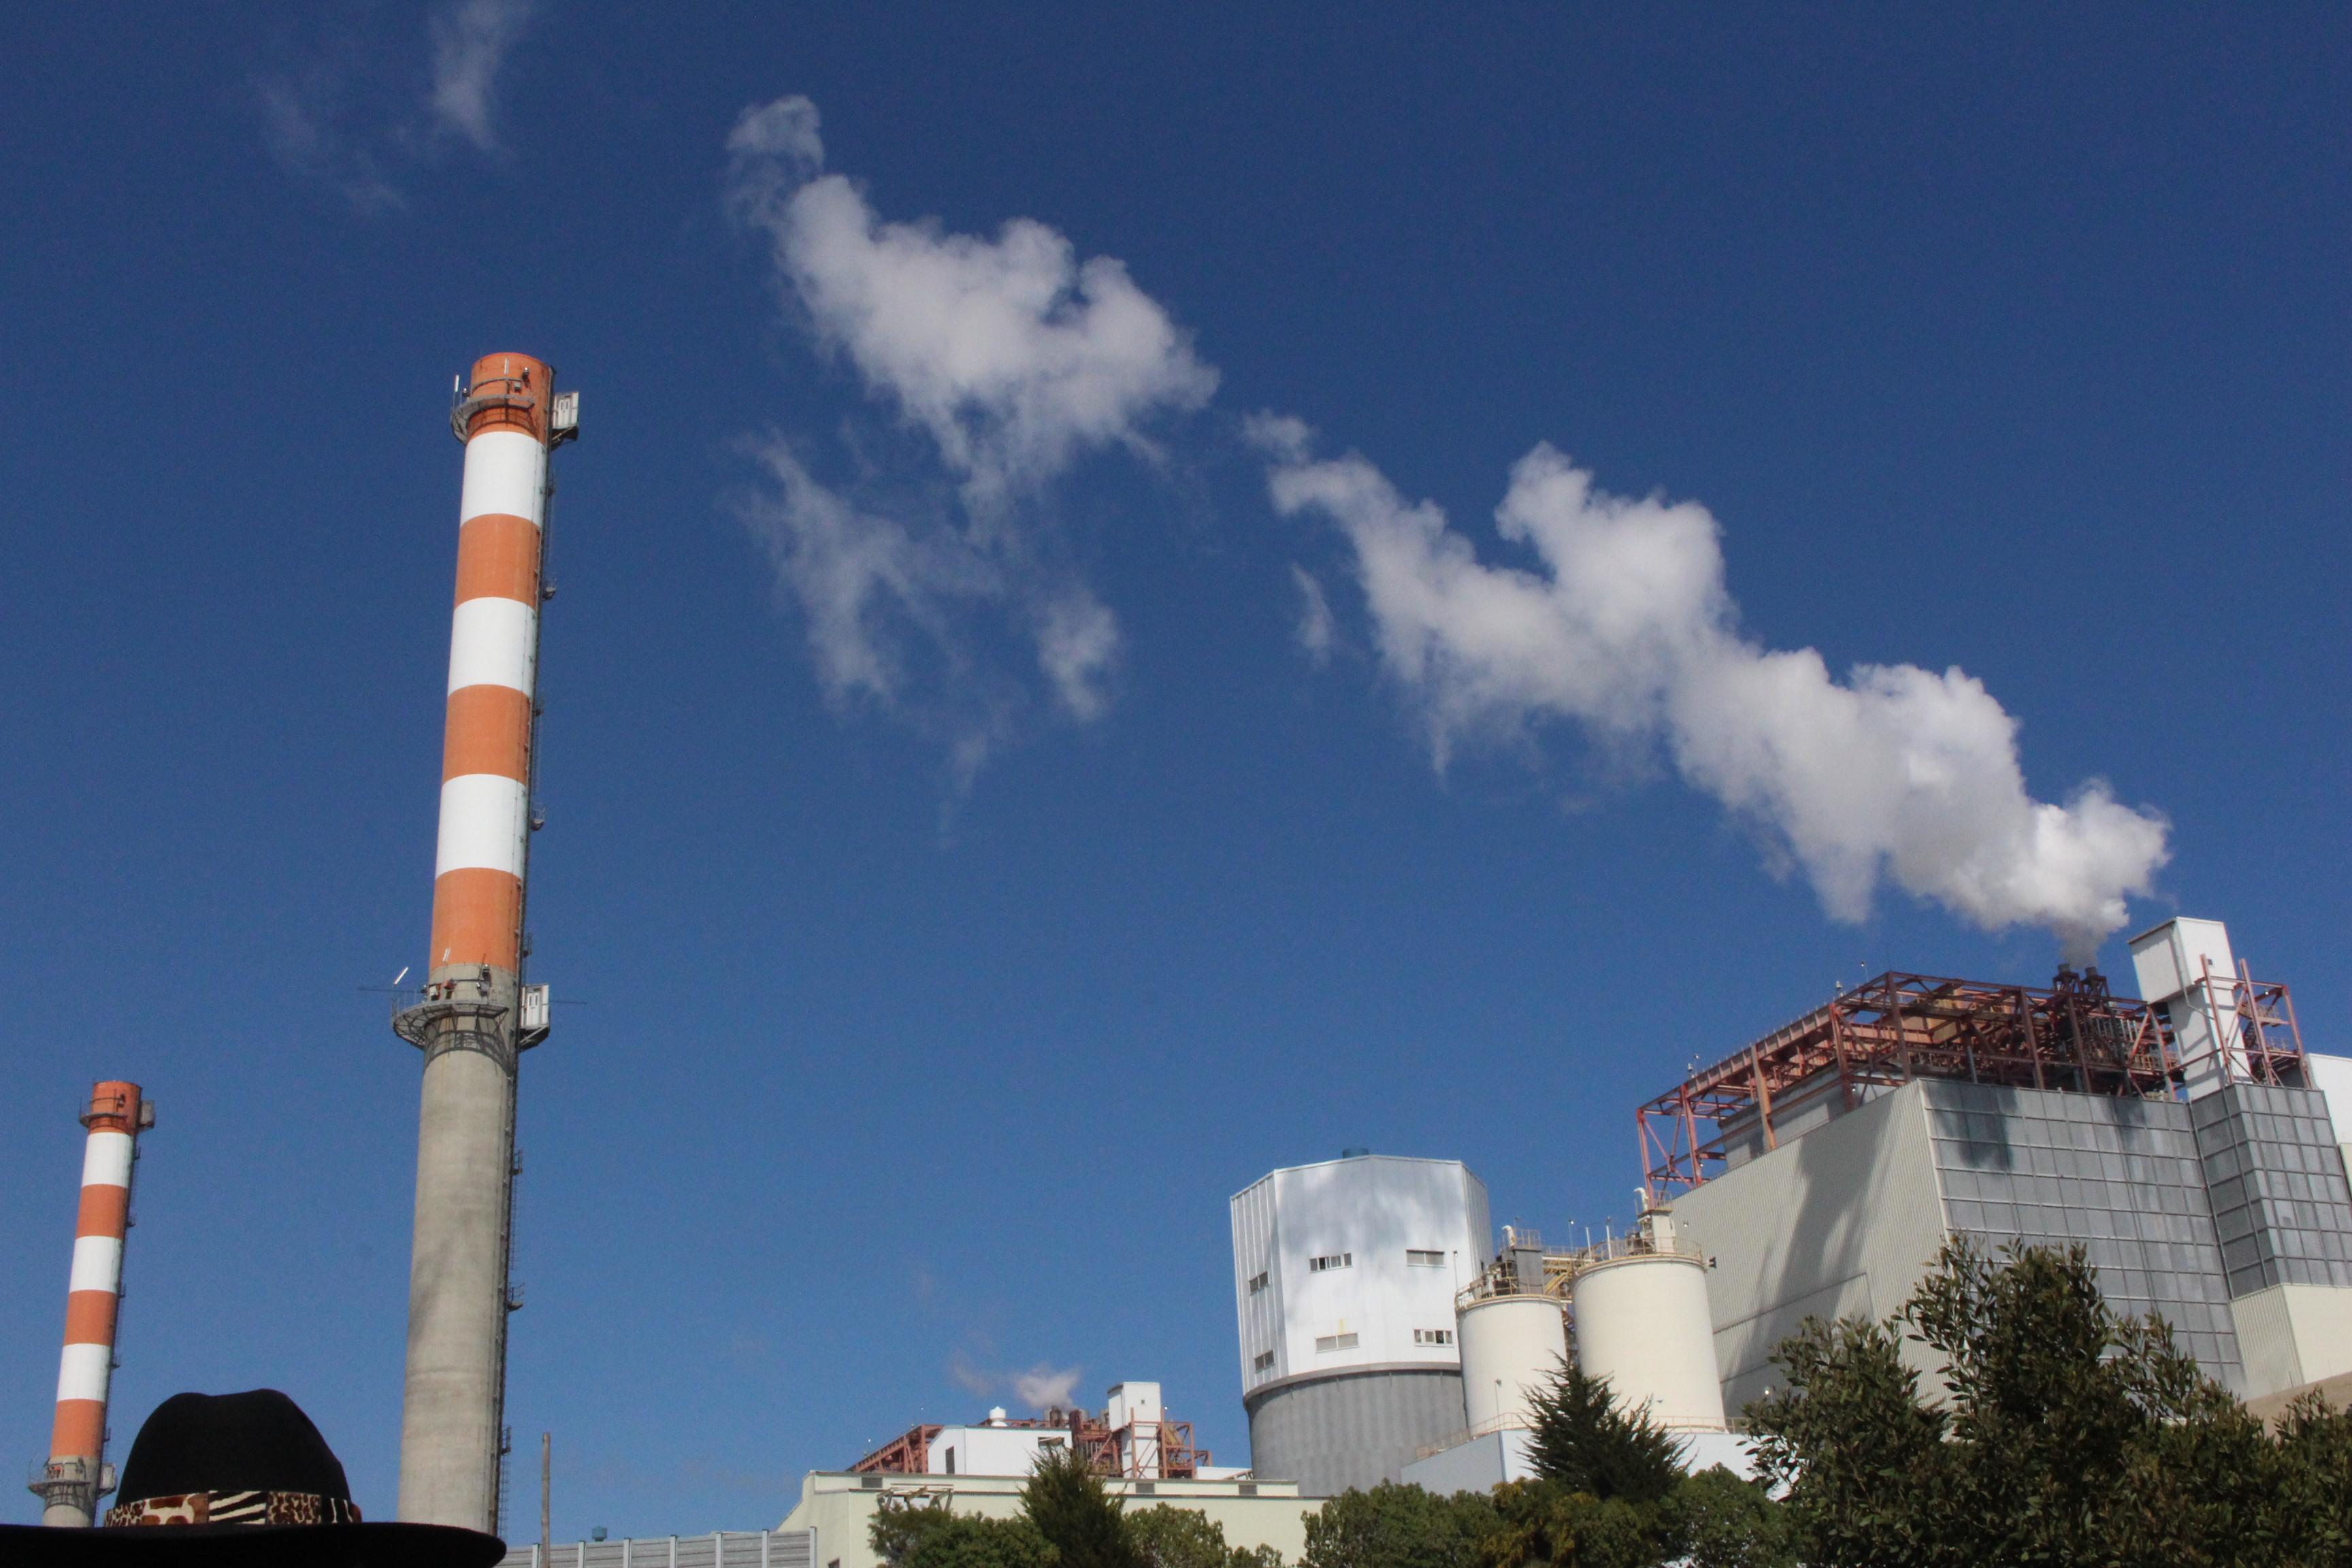 Gobierno ordena elaboración del plan de descontaminación de Bahía de Quintero con urgencia